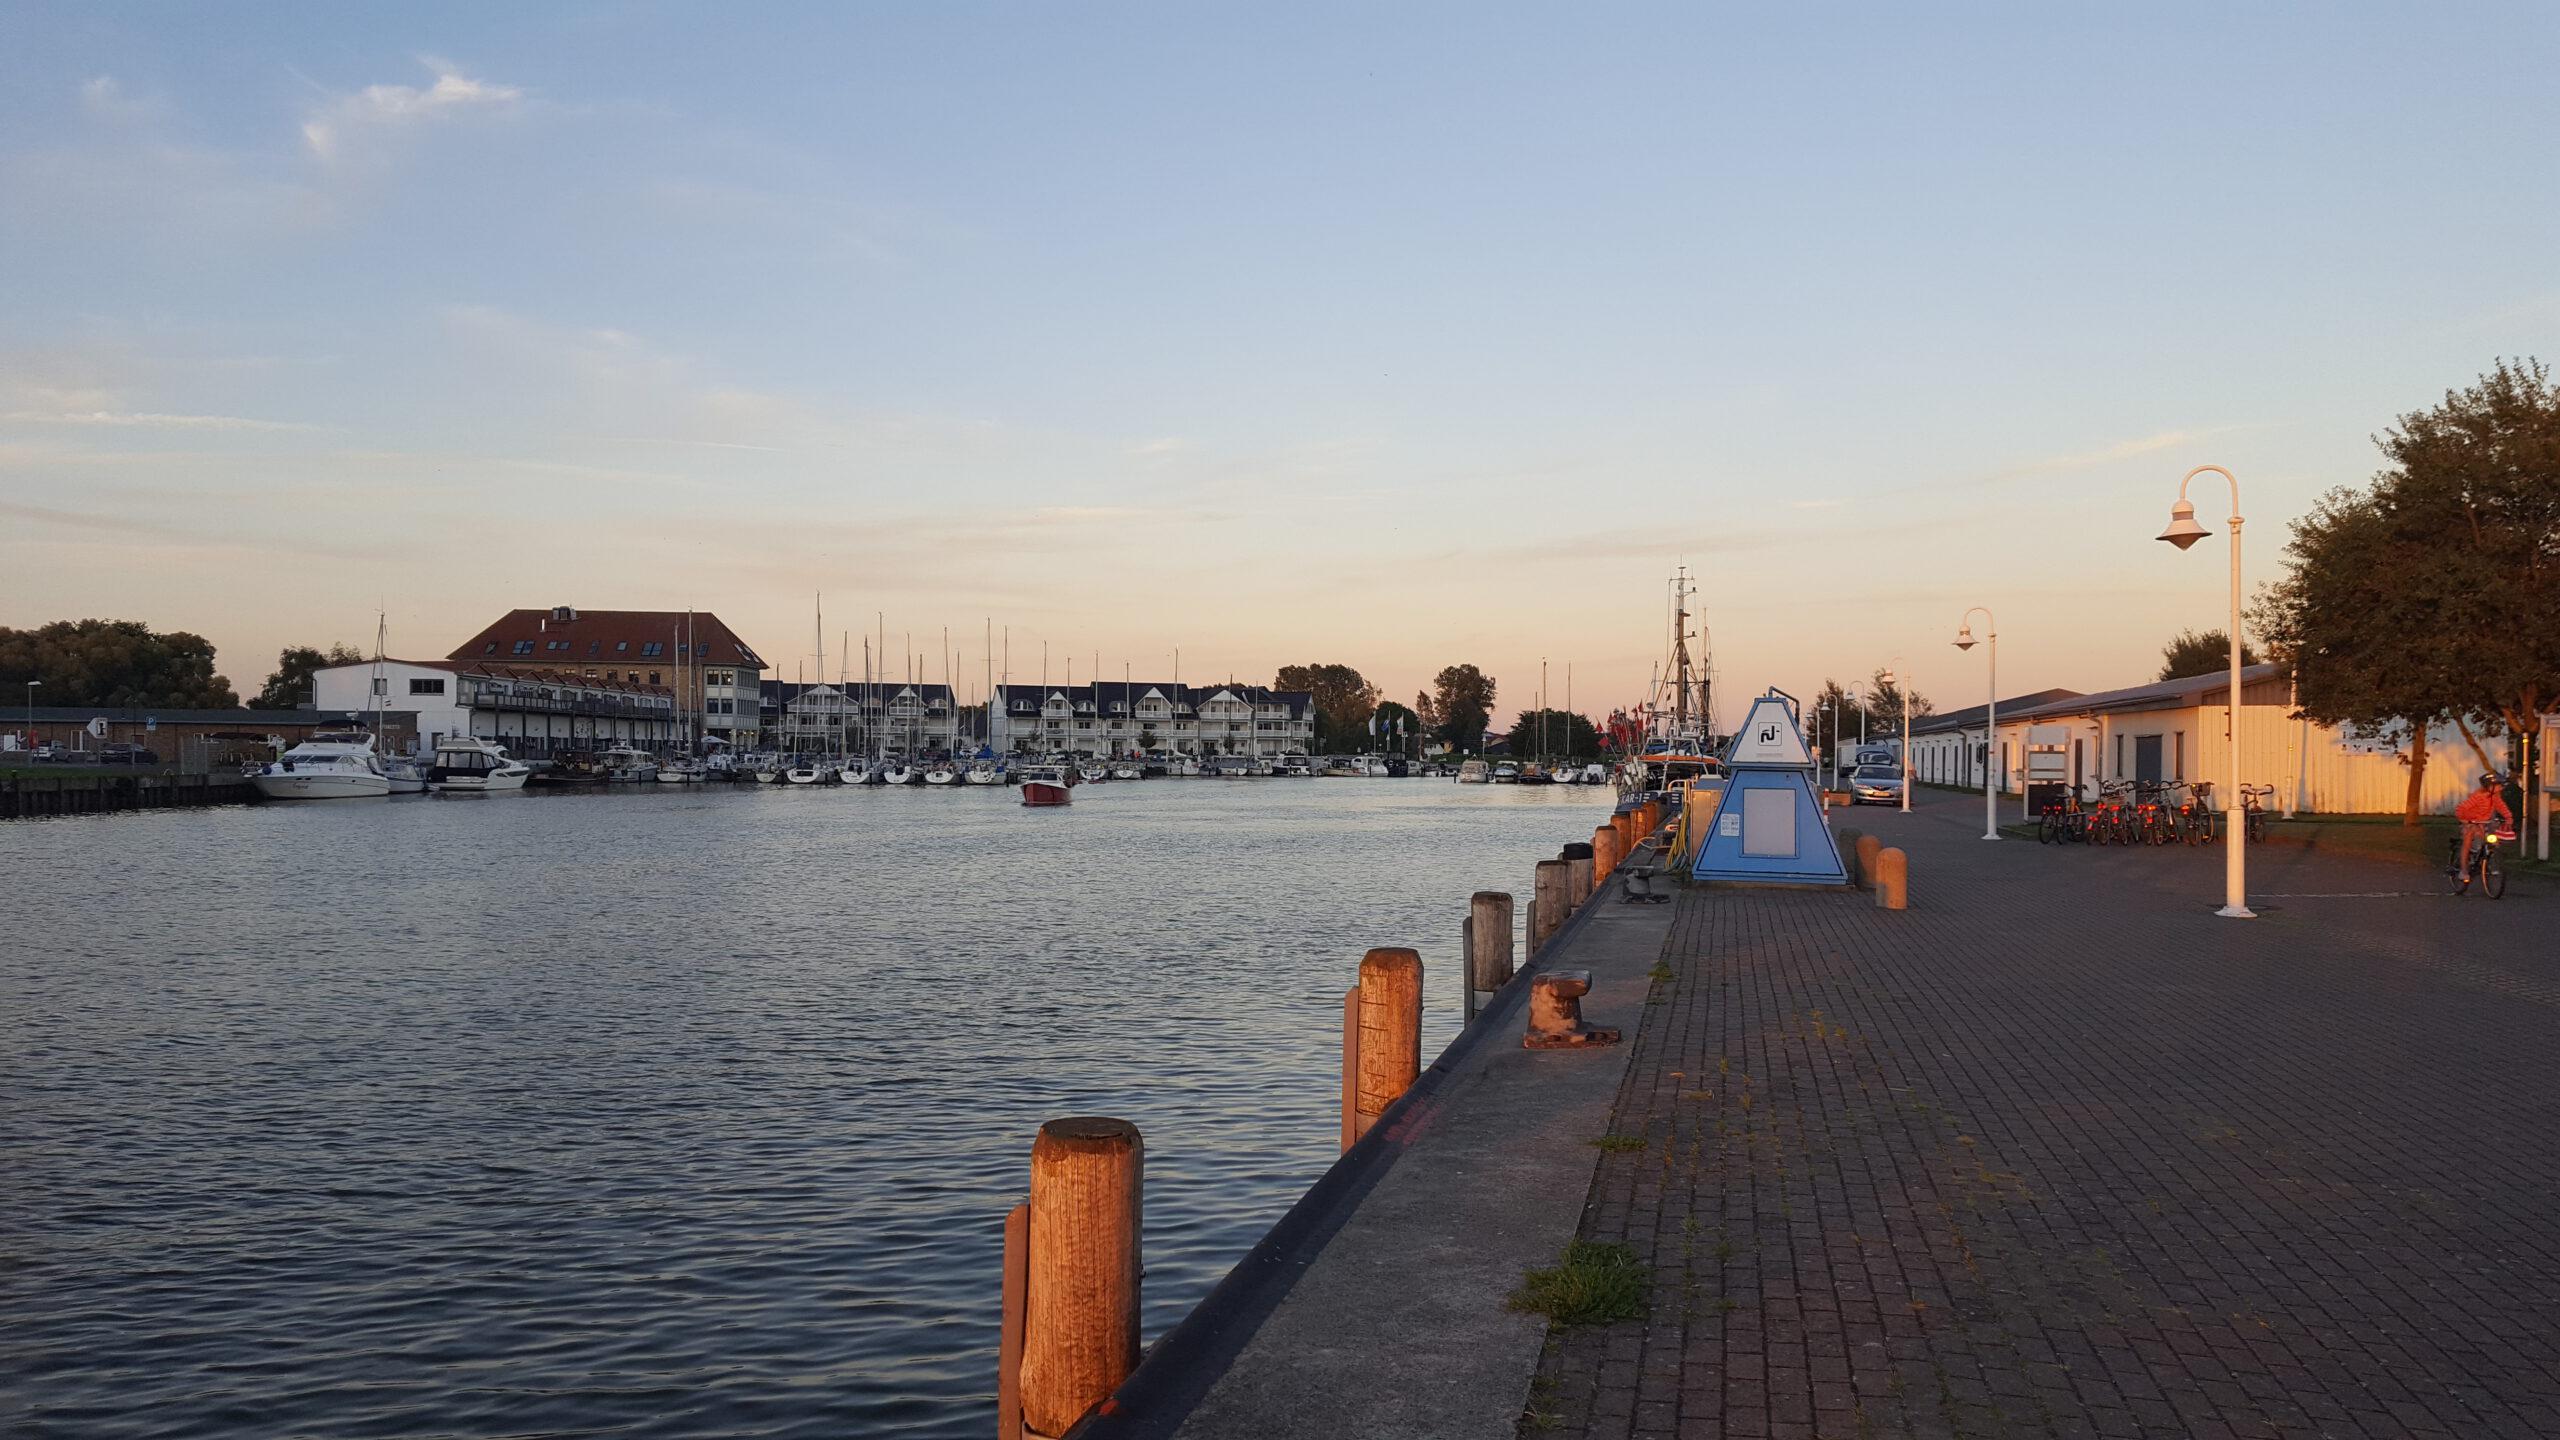 Hafen Karlshagen - am Abend - Ostsee Urlaub Wanderwege Zempin Insel Usdeom Ausflusgziel